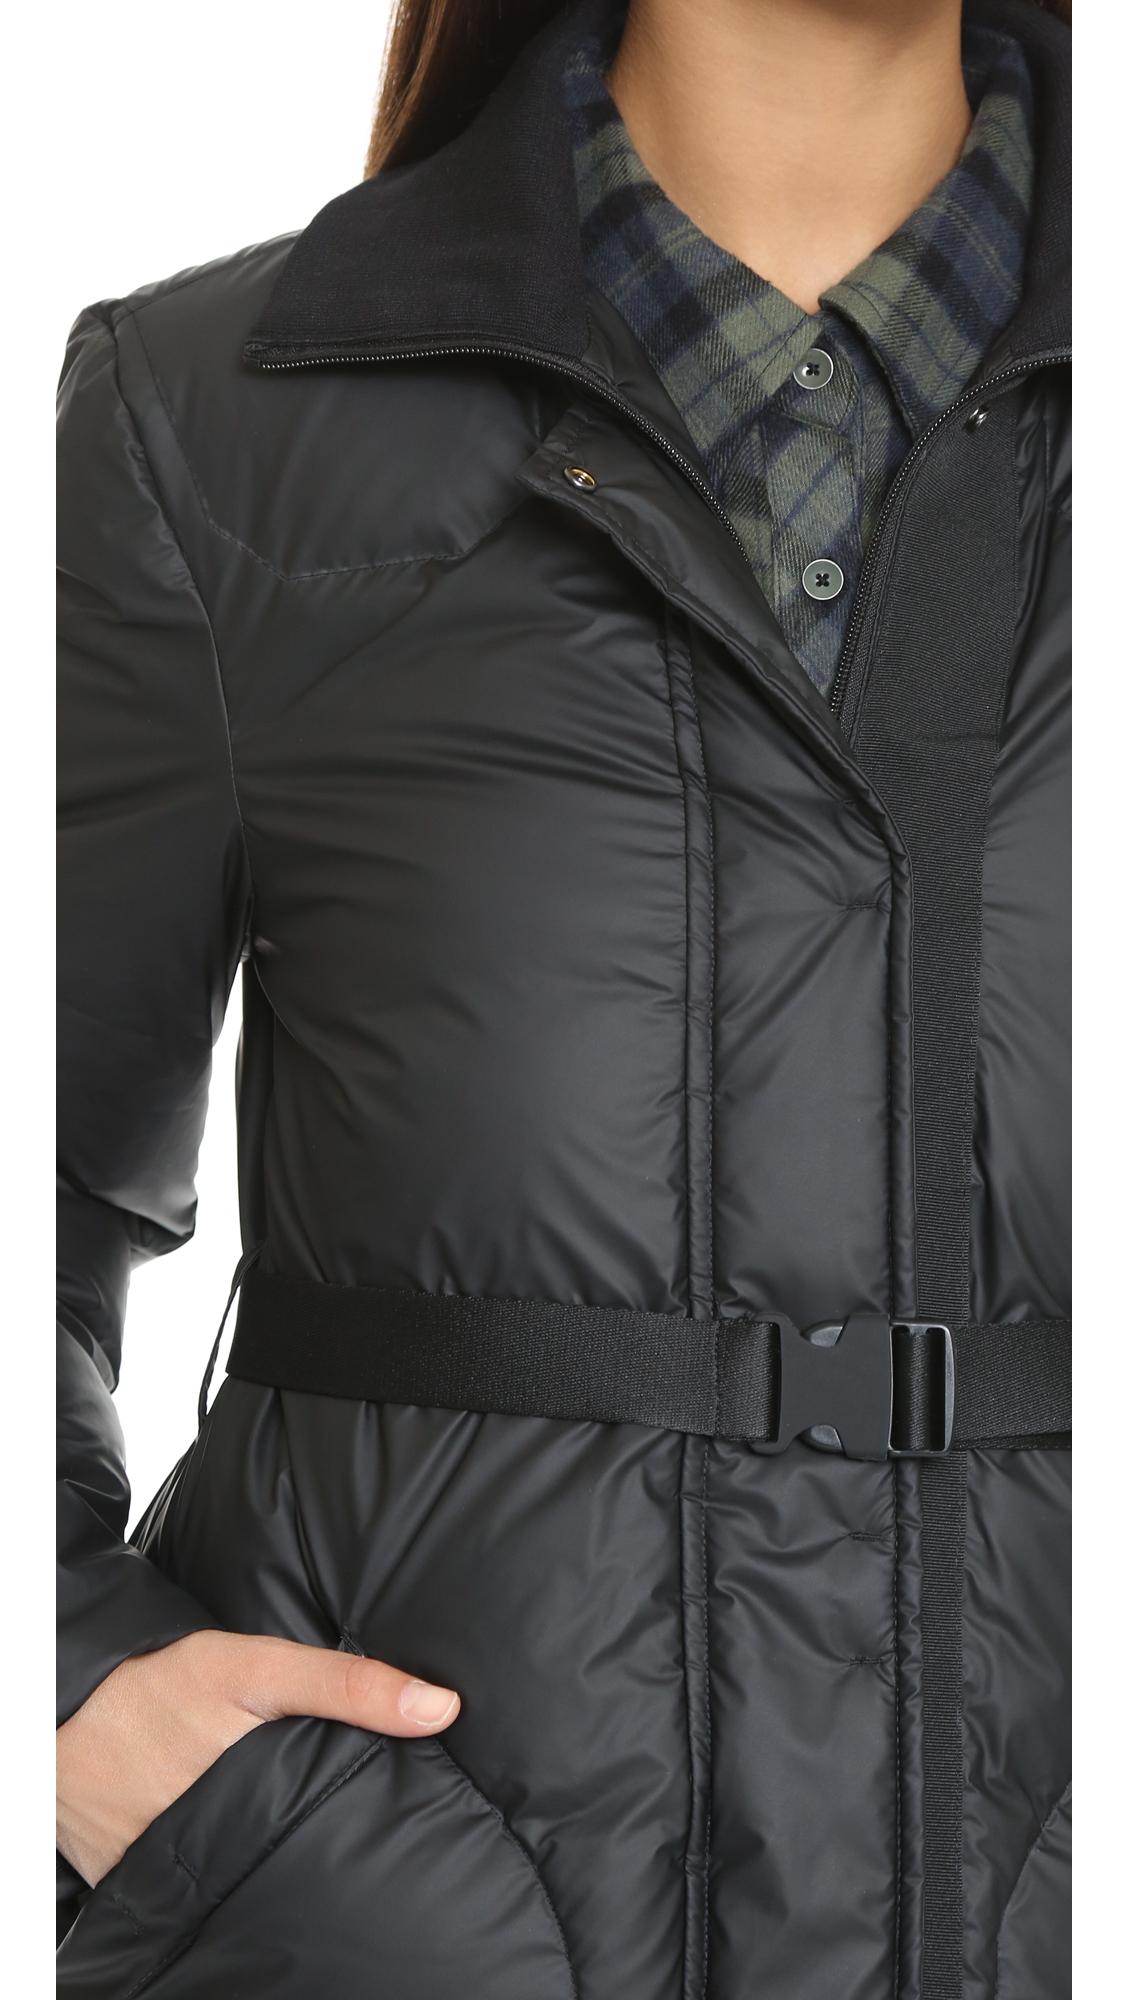 255b6833b4d35 HUNTER Original Down Jacket - Black in Black - Lyst